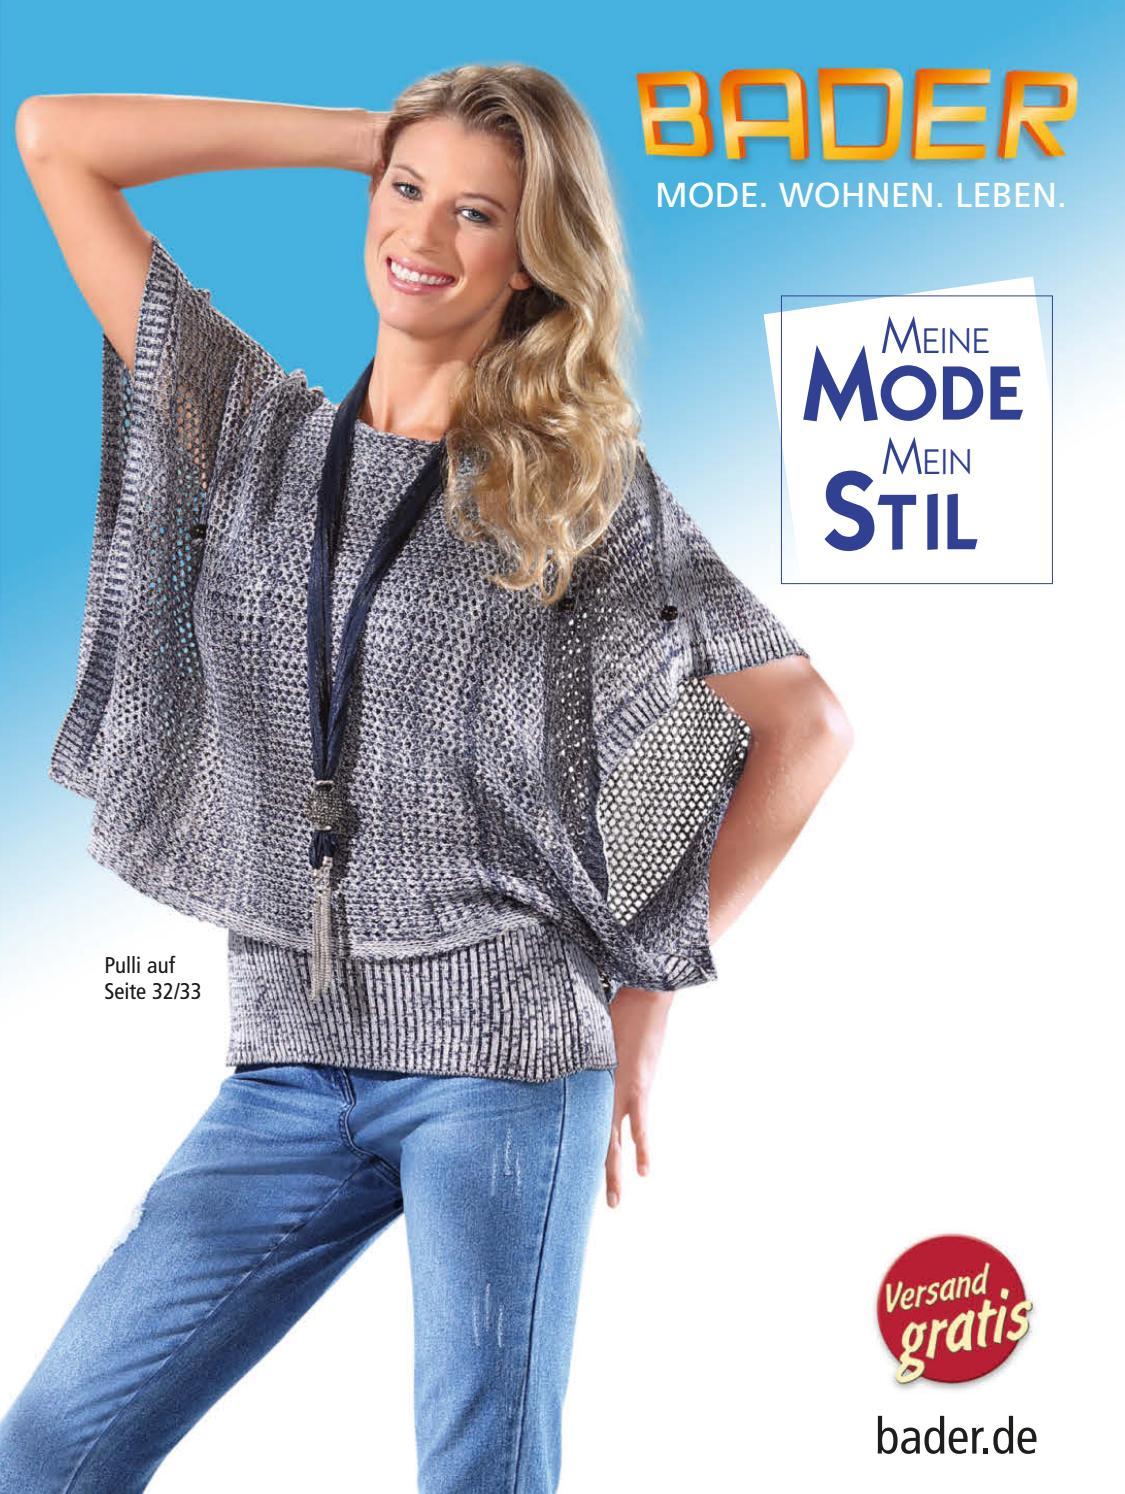 Каталог Bader Mein Mode весна лето 2019. Заказ одежды на www